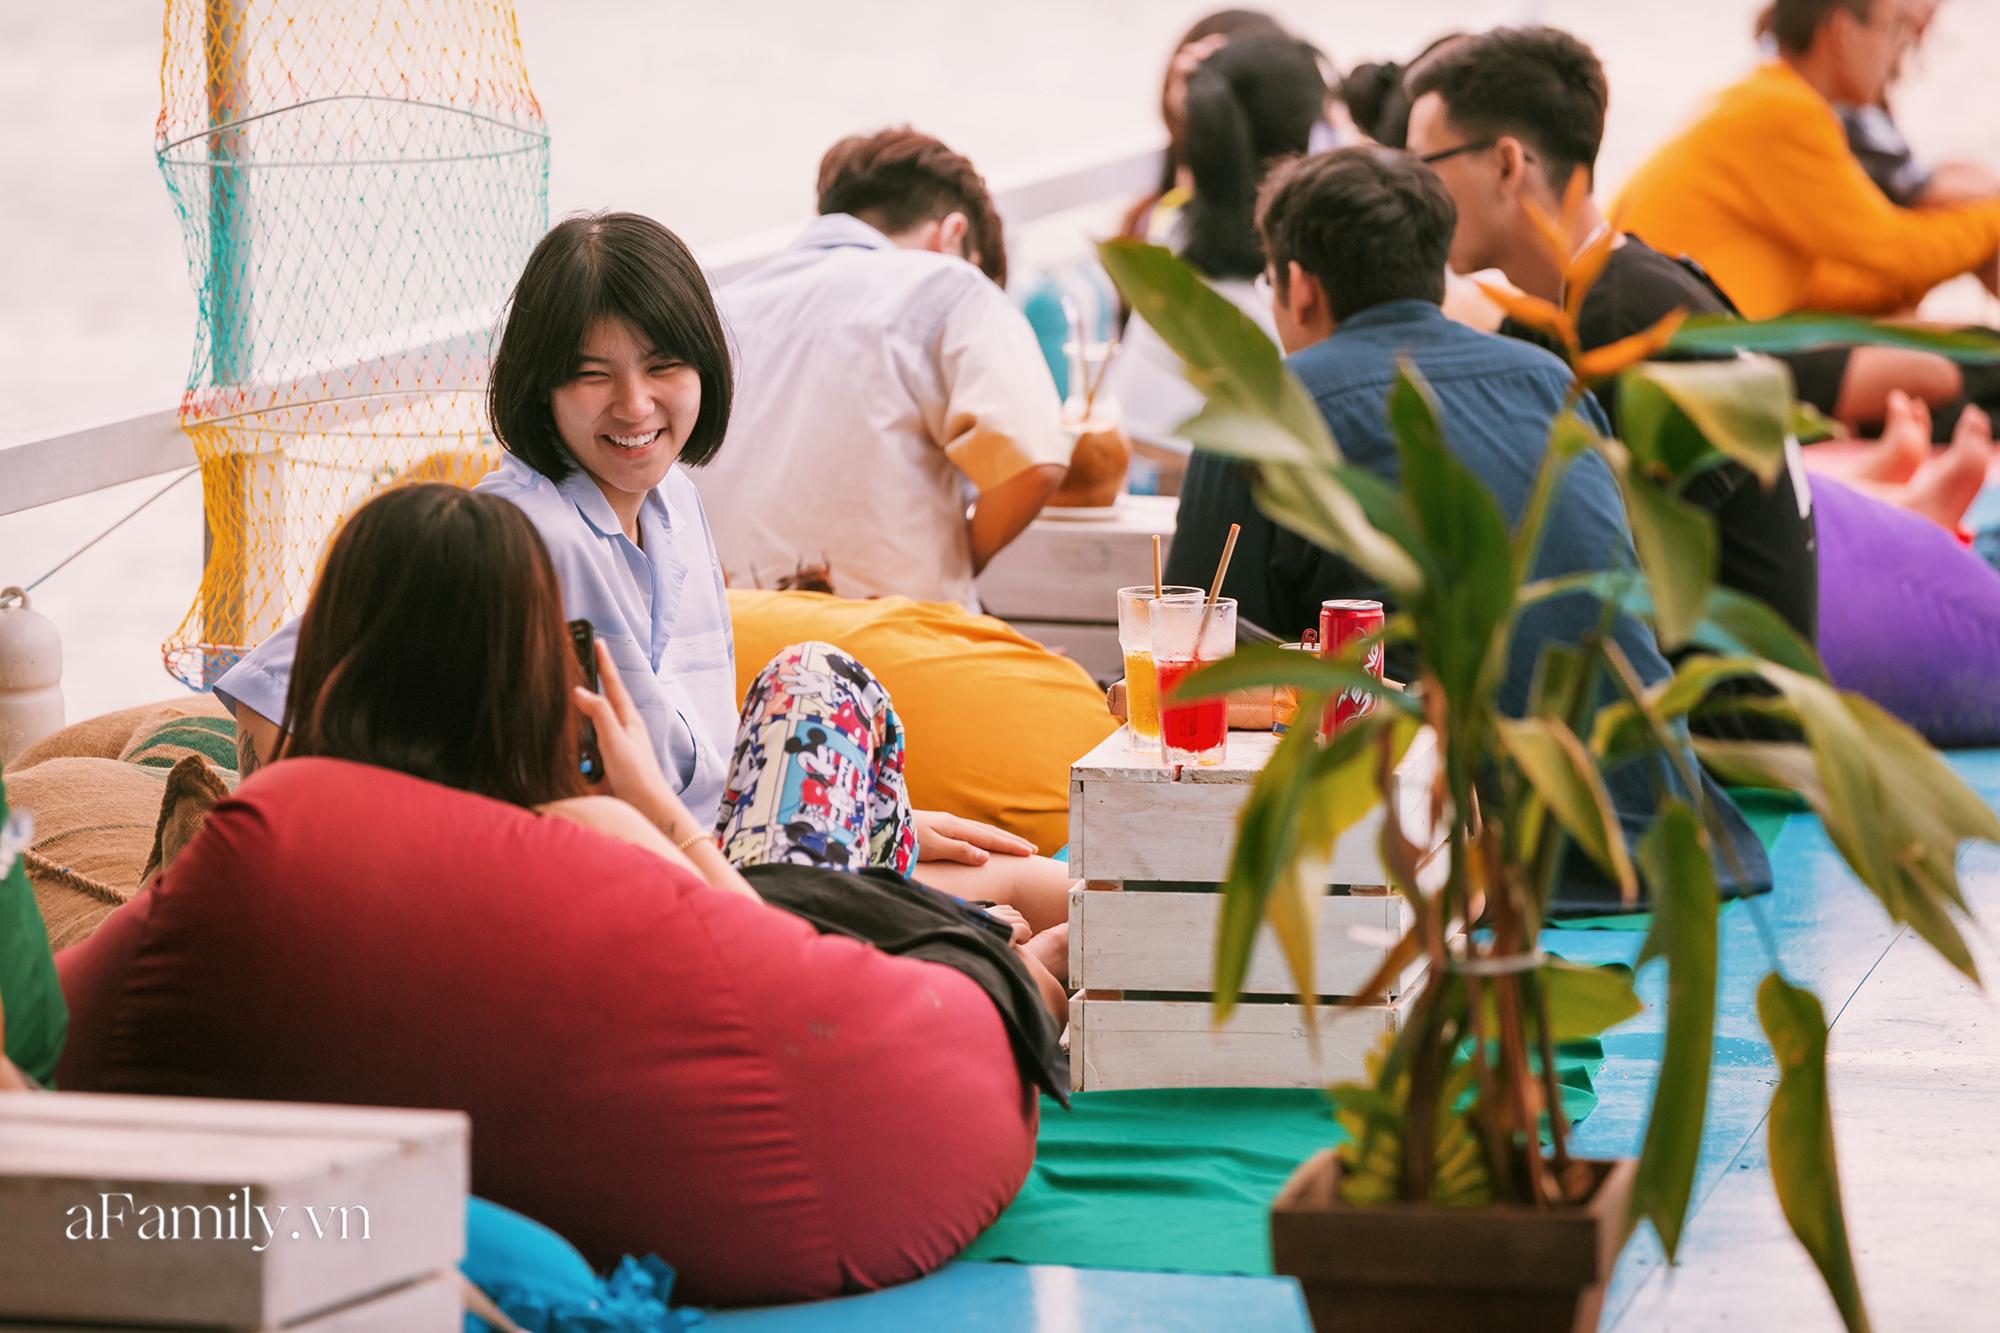 Siêu hot với quán cà phê nổi trên sông Sài Gòn, đón hoàng hôn hay ngắm cảnh đêm đều cực đẹp mà giá cả lại hợp lý, yên tâm chill chẳng sợ hụt hầu bao! - Ảnh 6.